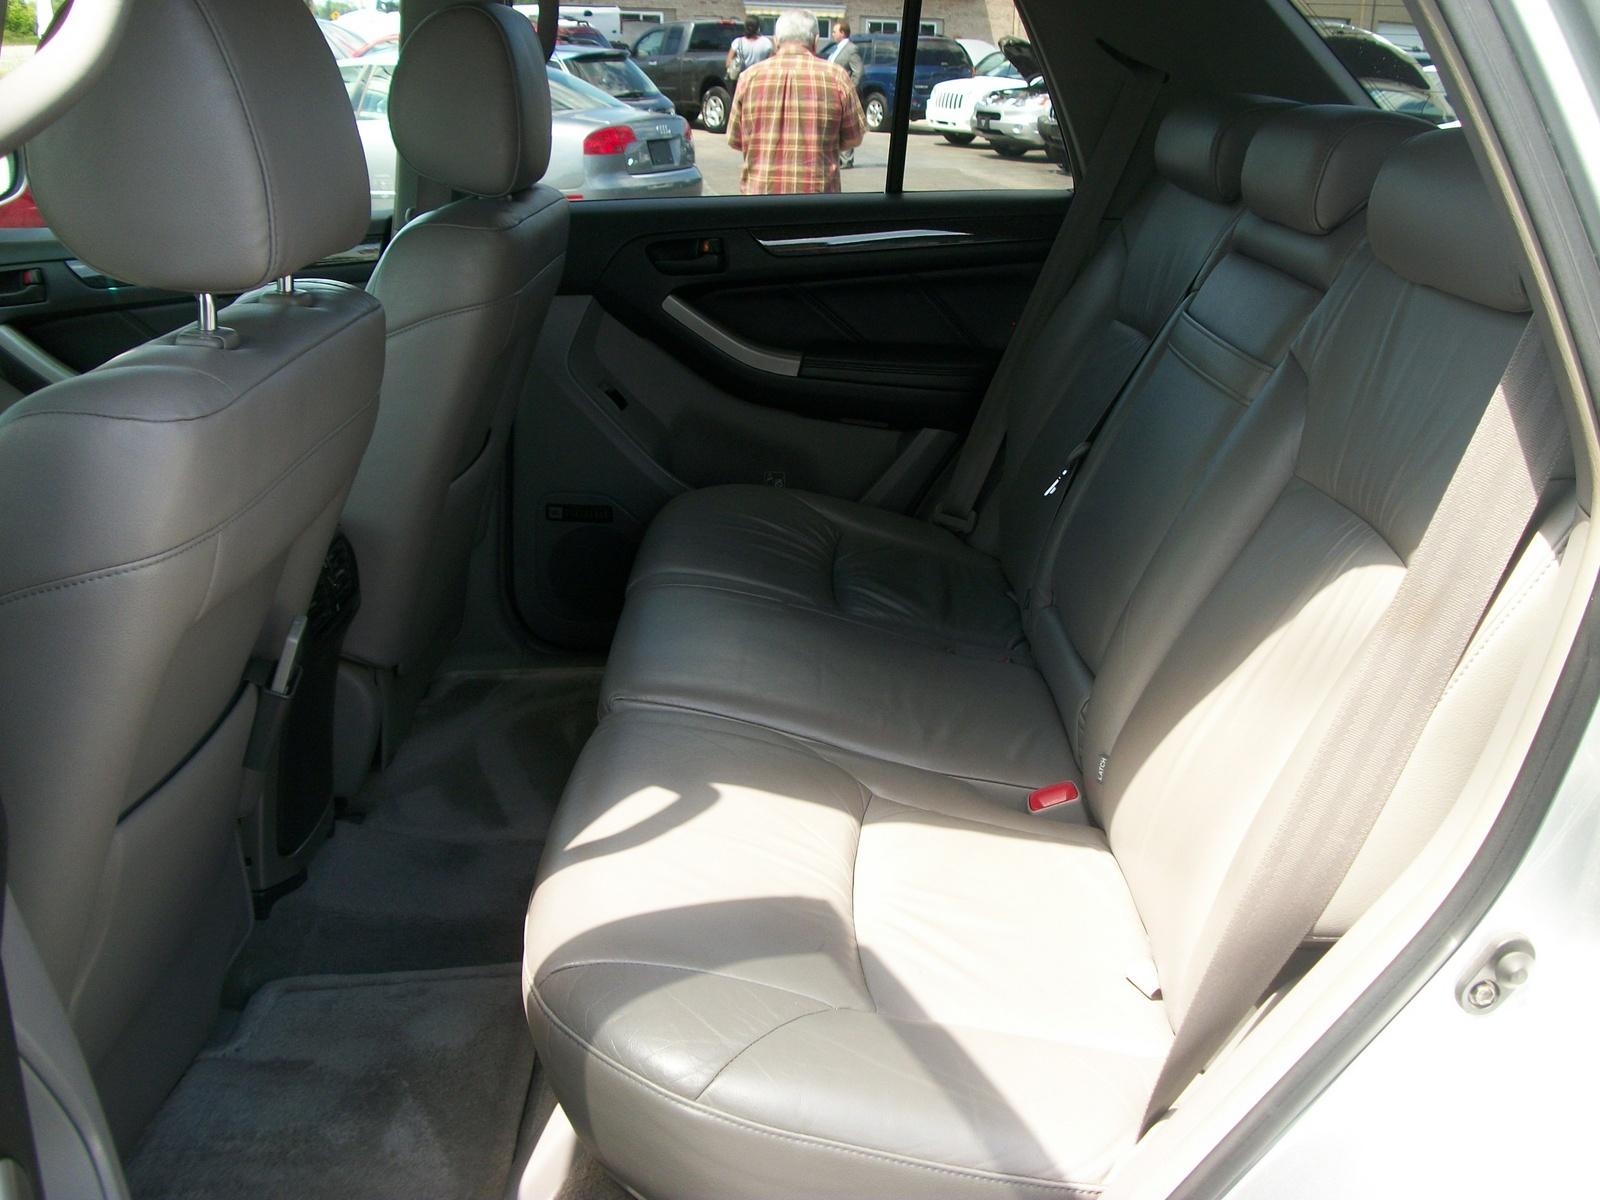 2003 Toyota 4runner Interior Pictures Cargurus